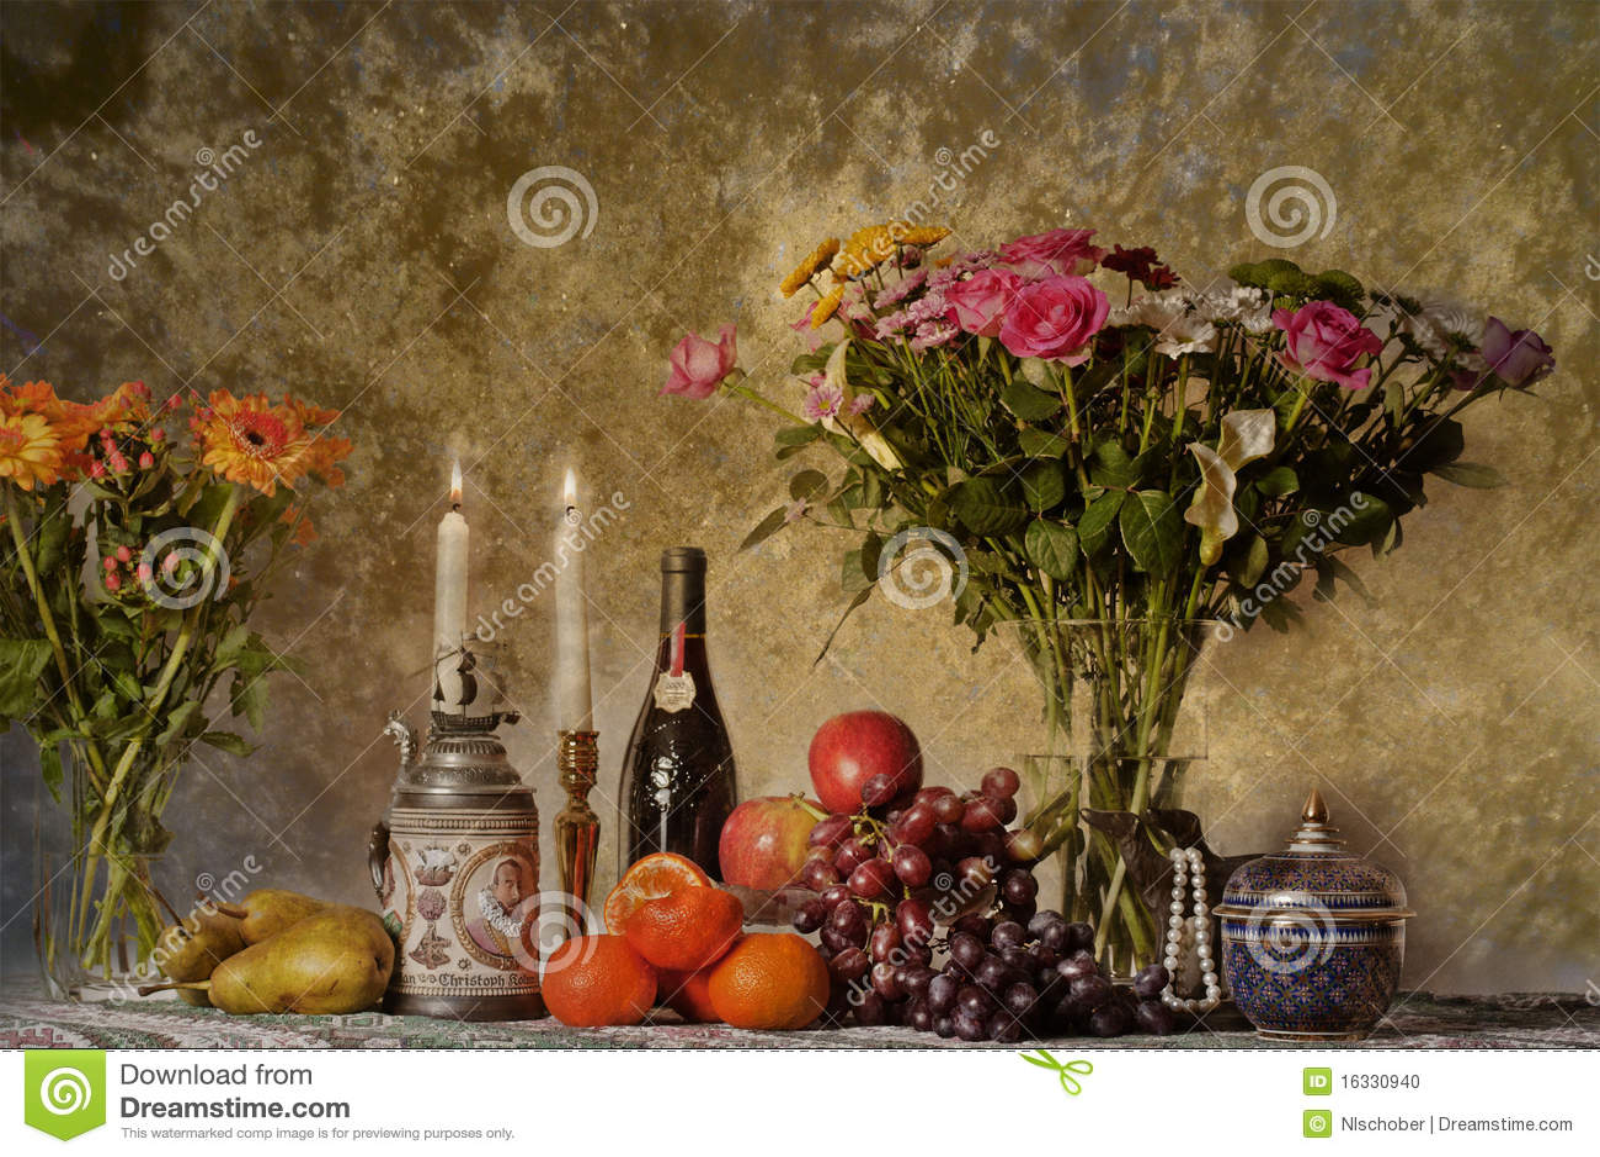 Citaten Uit Klassieke Oudheid : Schrijver uit de klassieke oudheid nog ife met bloemen en